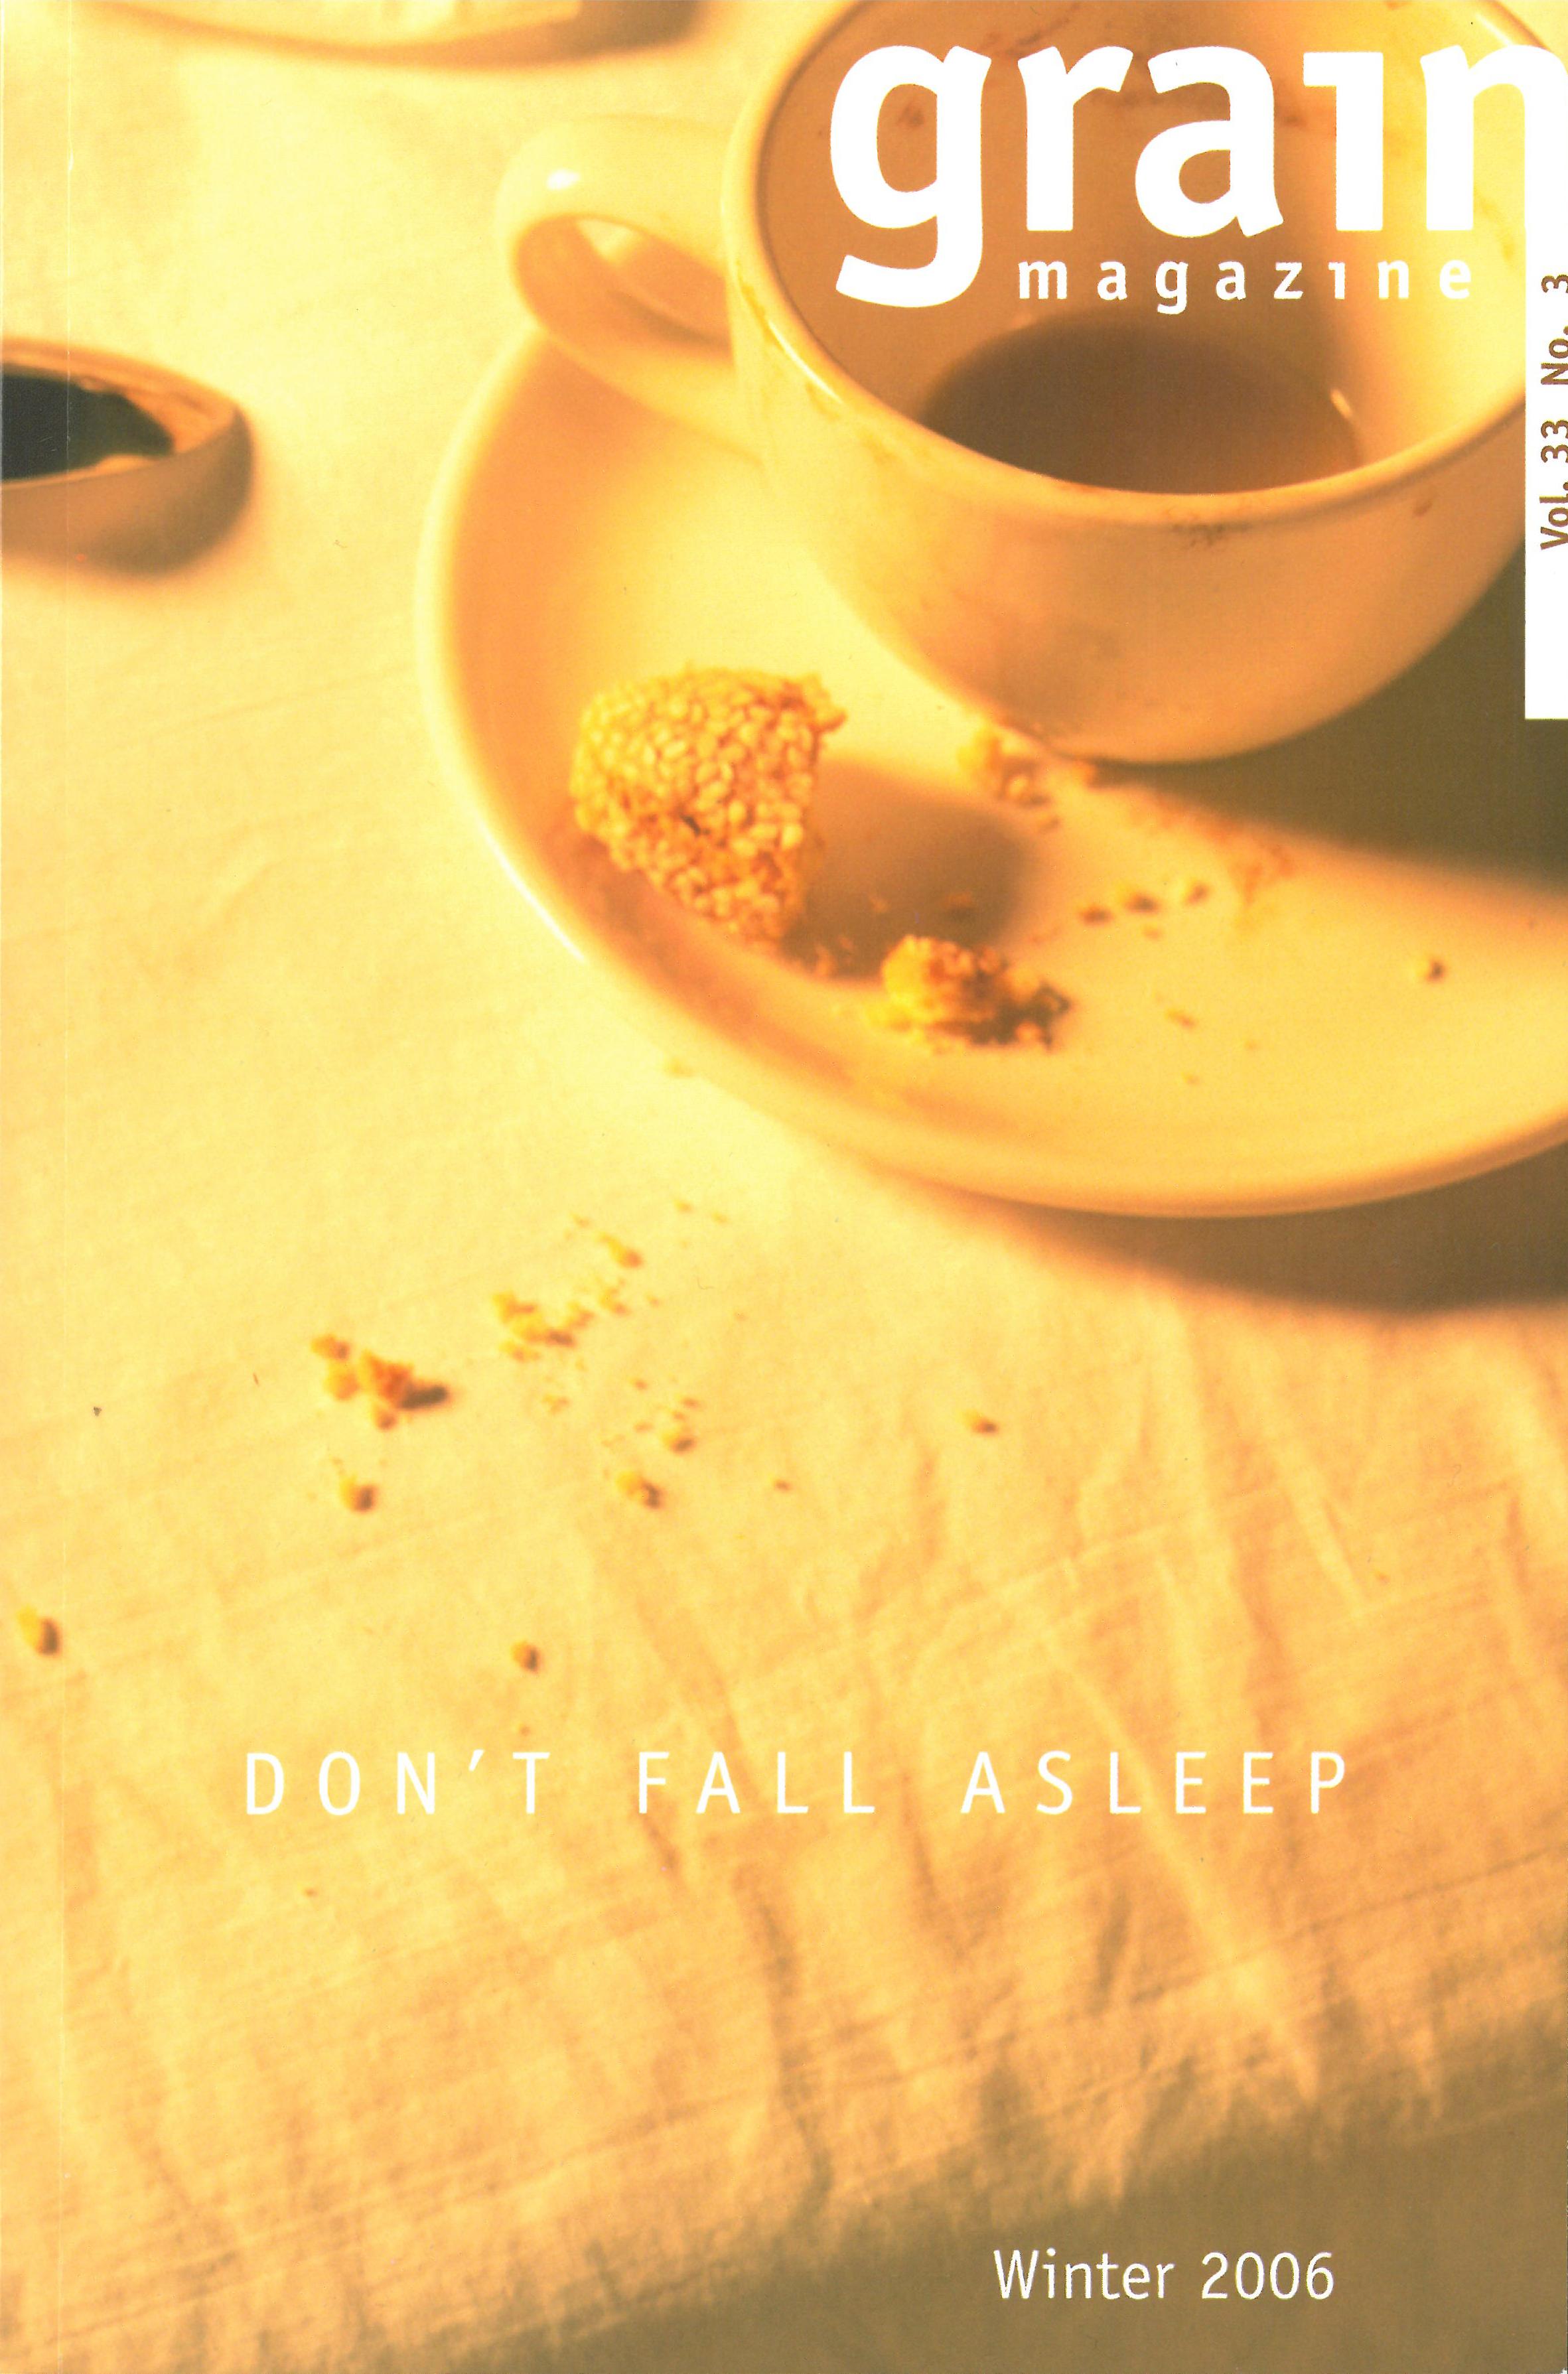 33.3 Winter 2006, Don't Fall Asleep